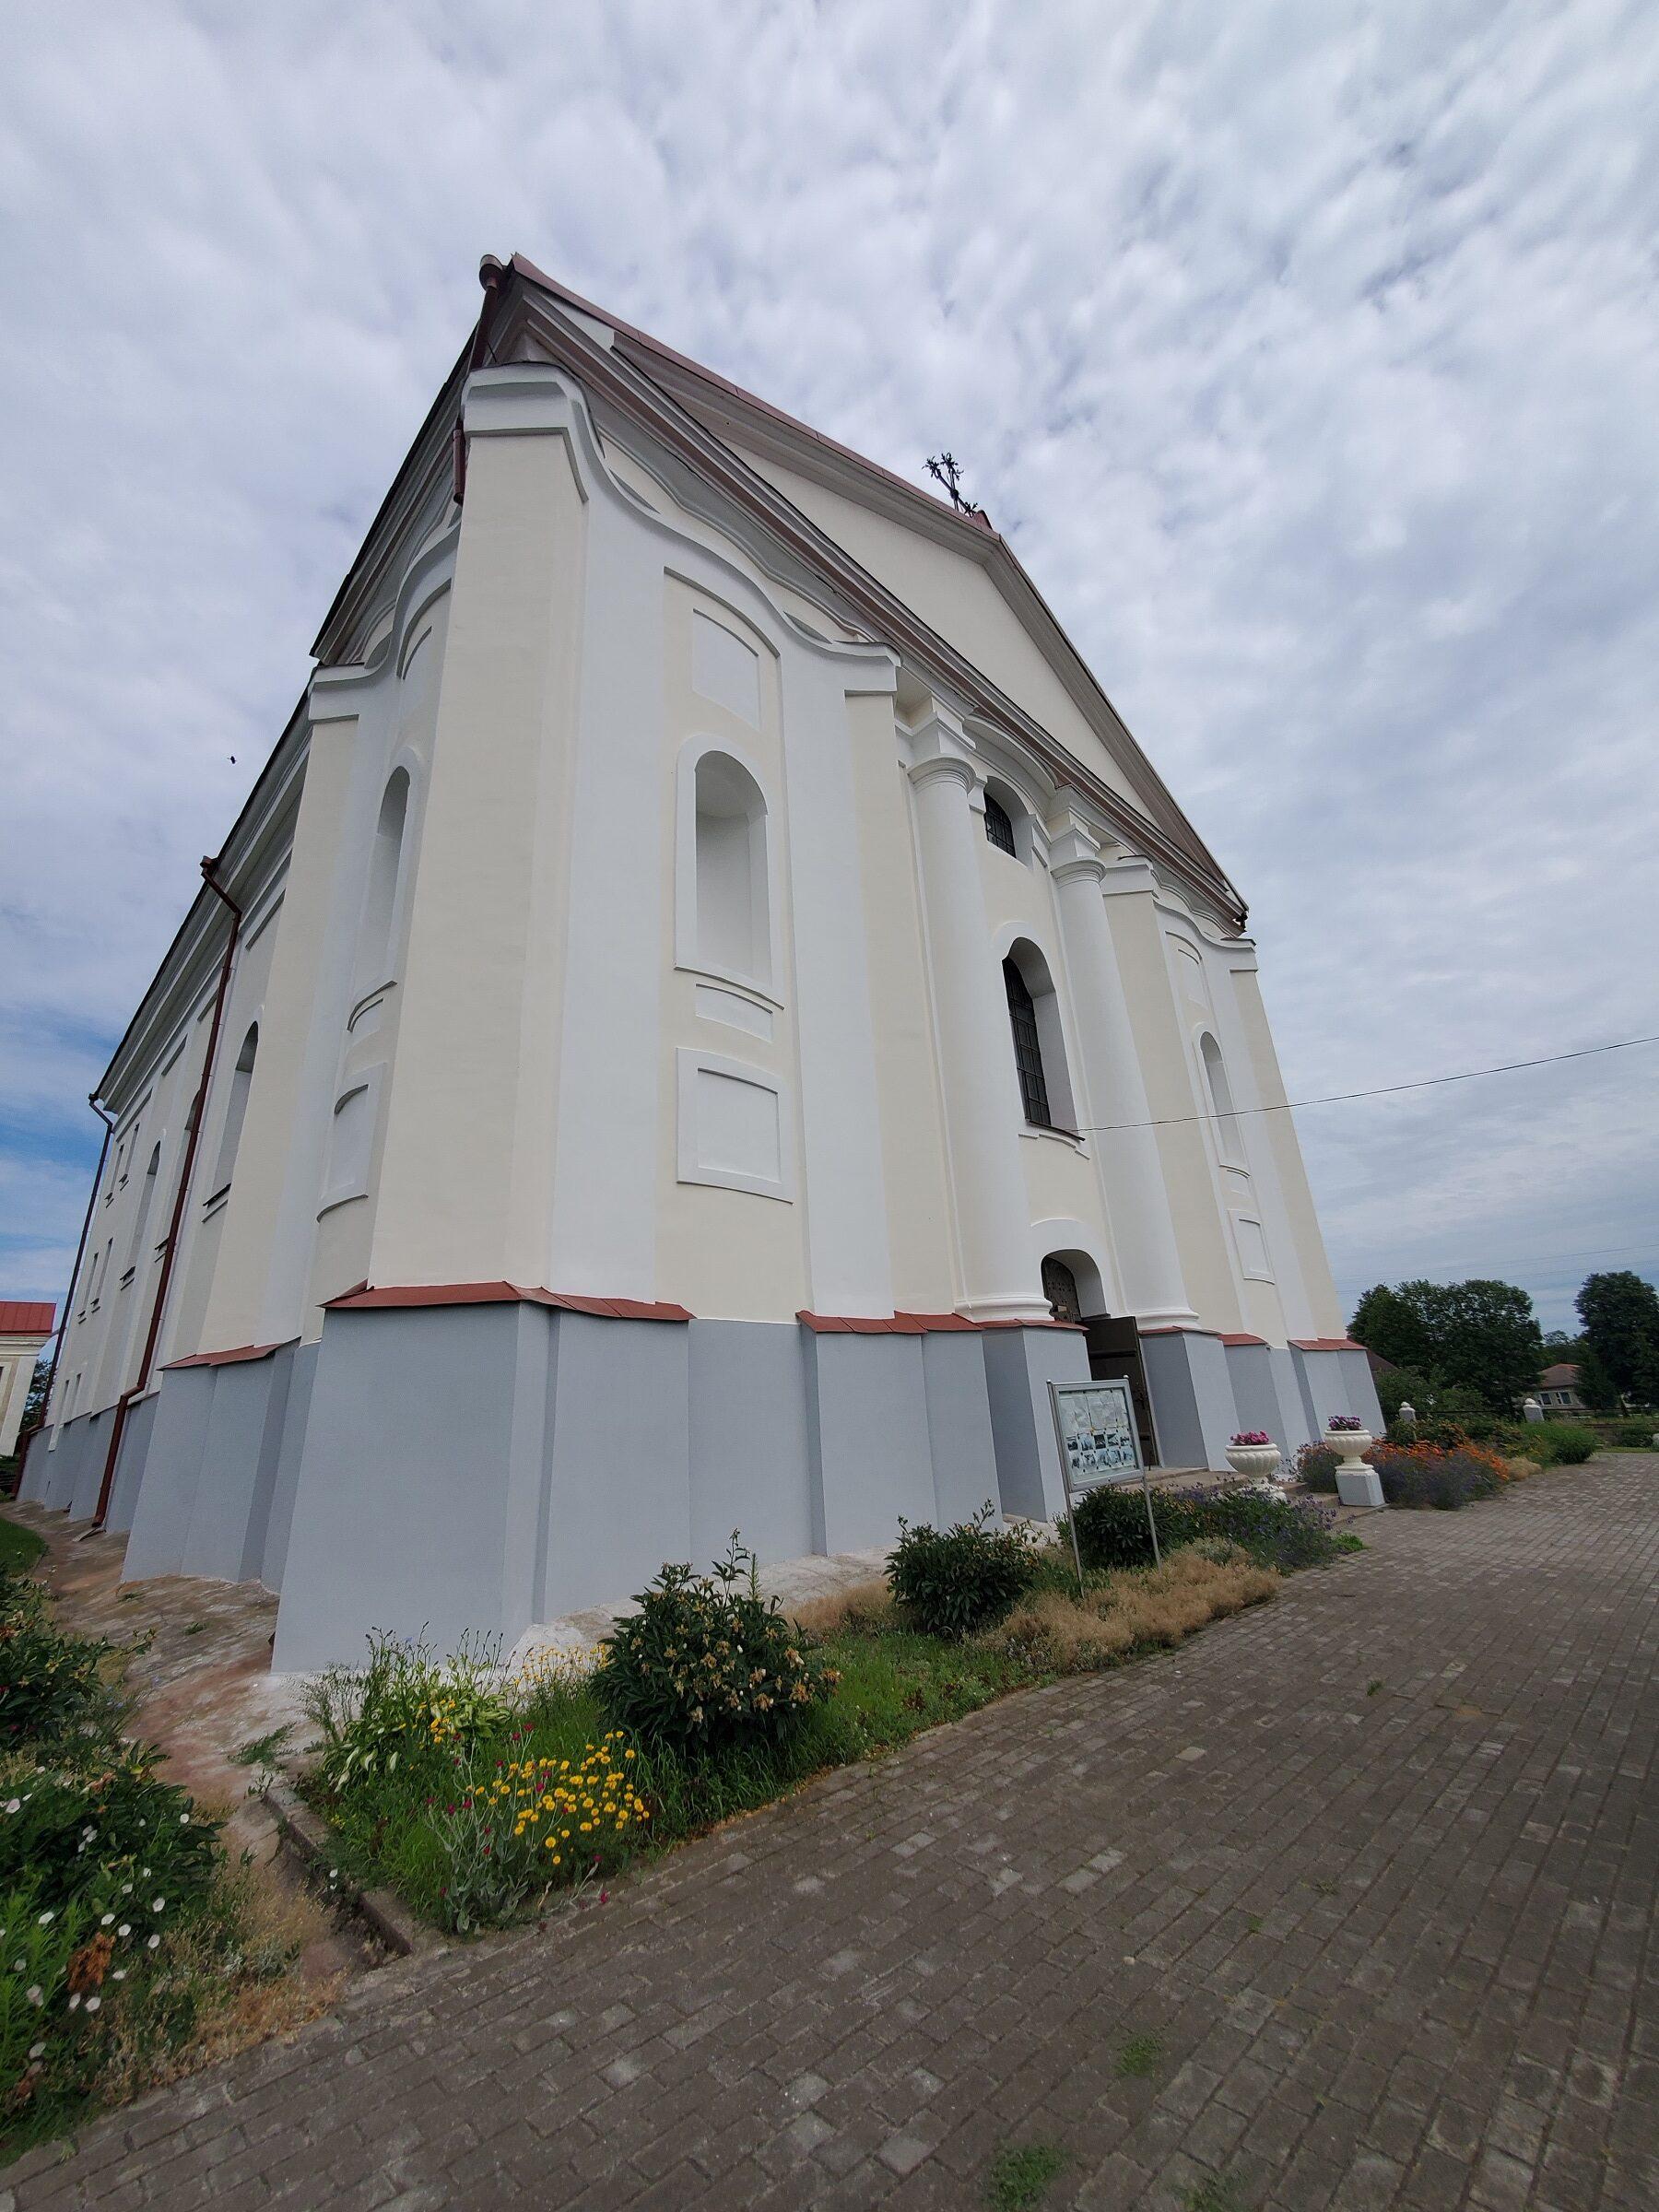 20200703 133956 rotated - Храм Непорочного Зачатия Девы Марии в Удело